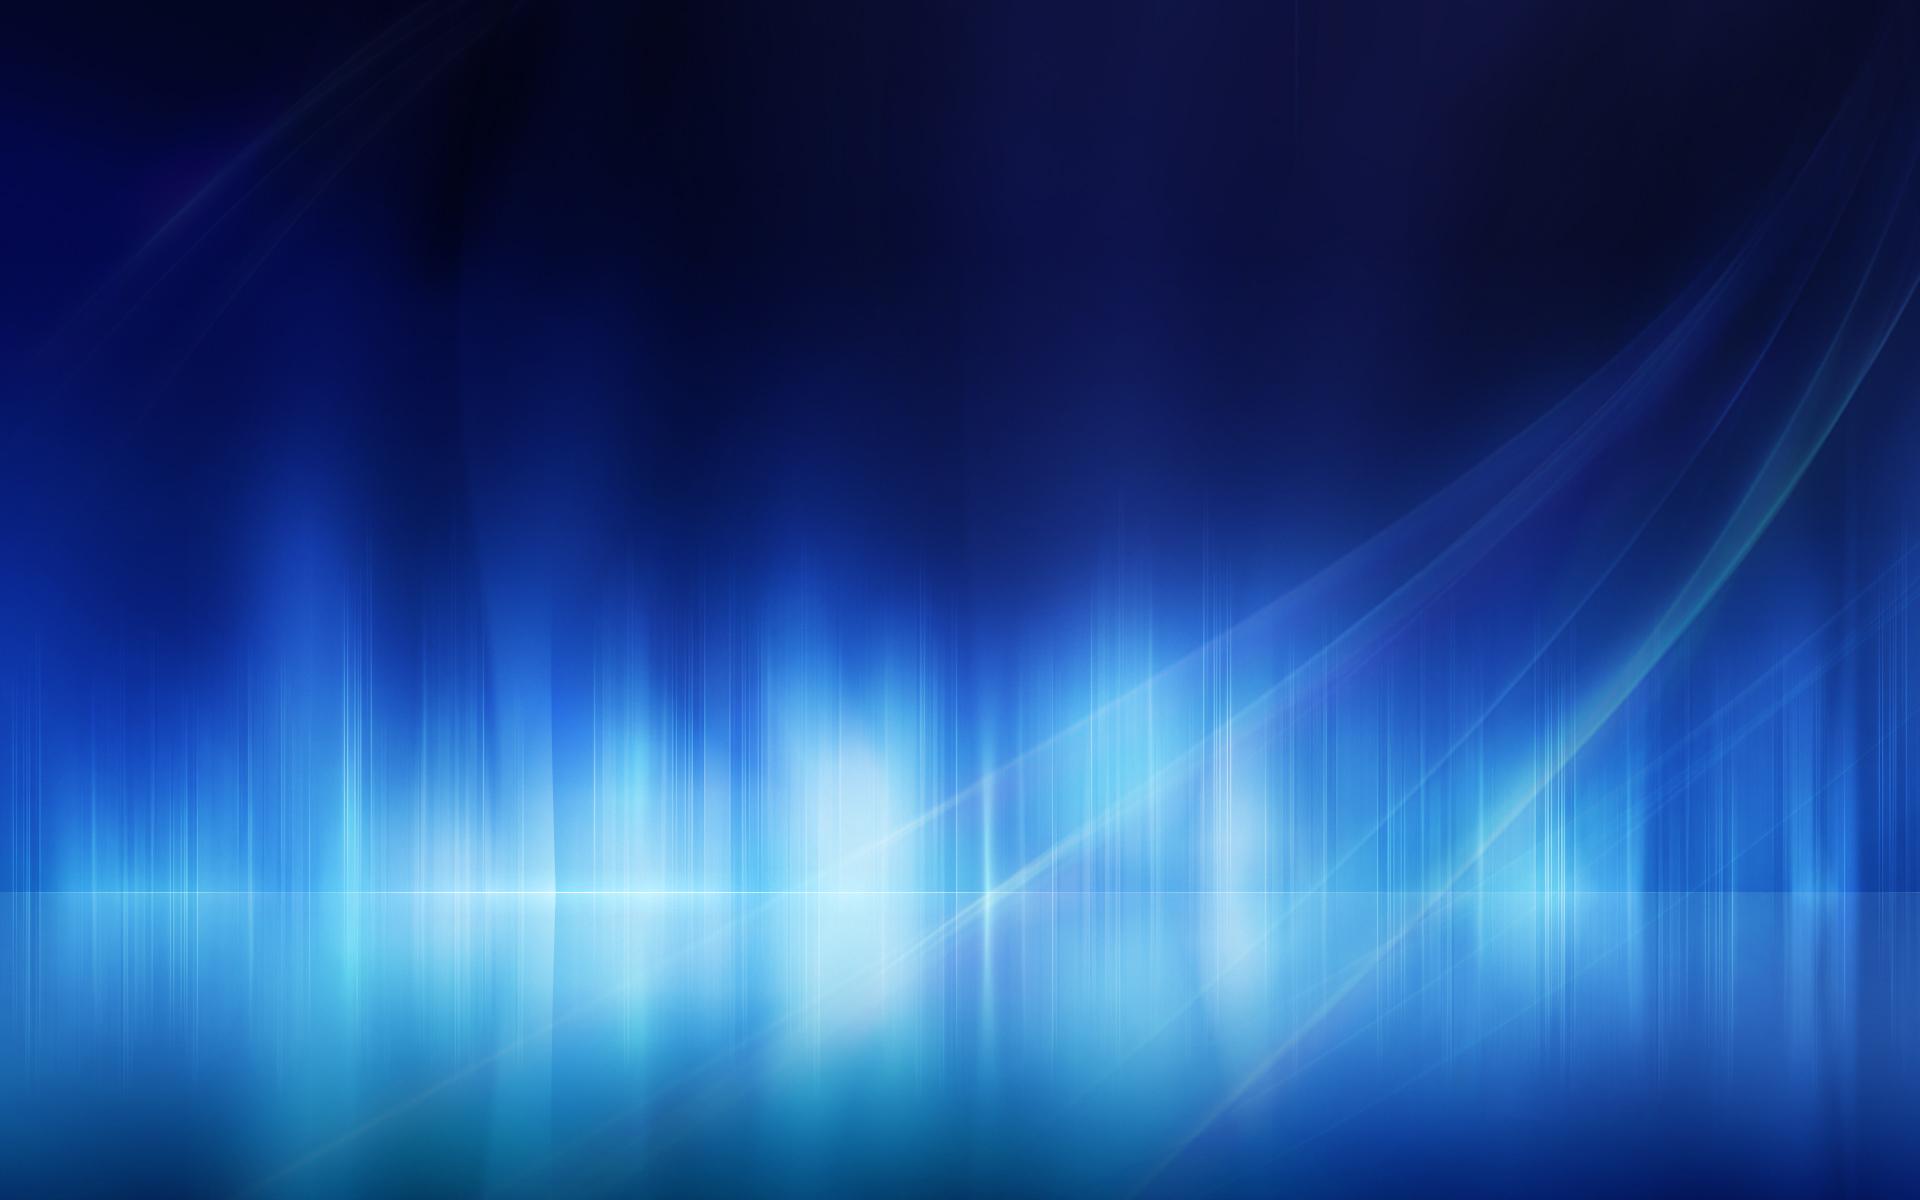 blue wallpaper aurora by thedisturbed0ne on deviantart